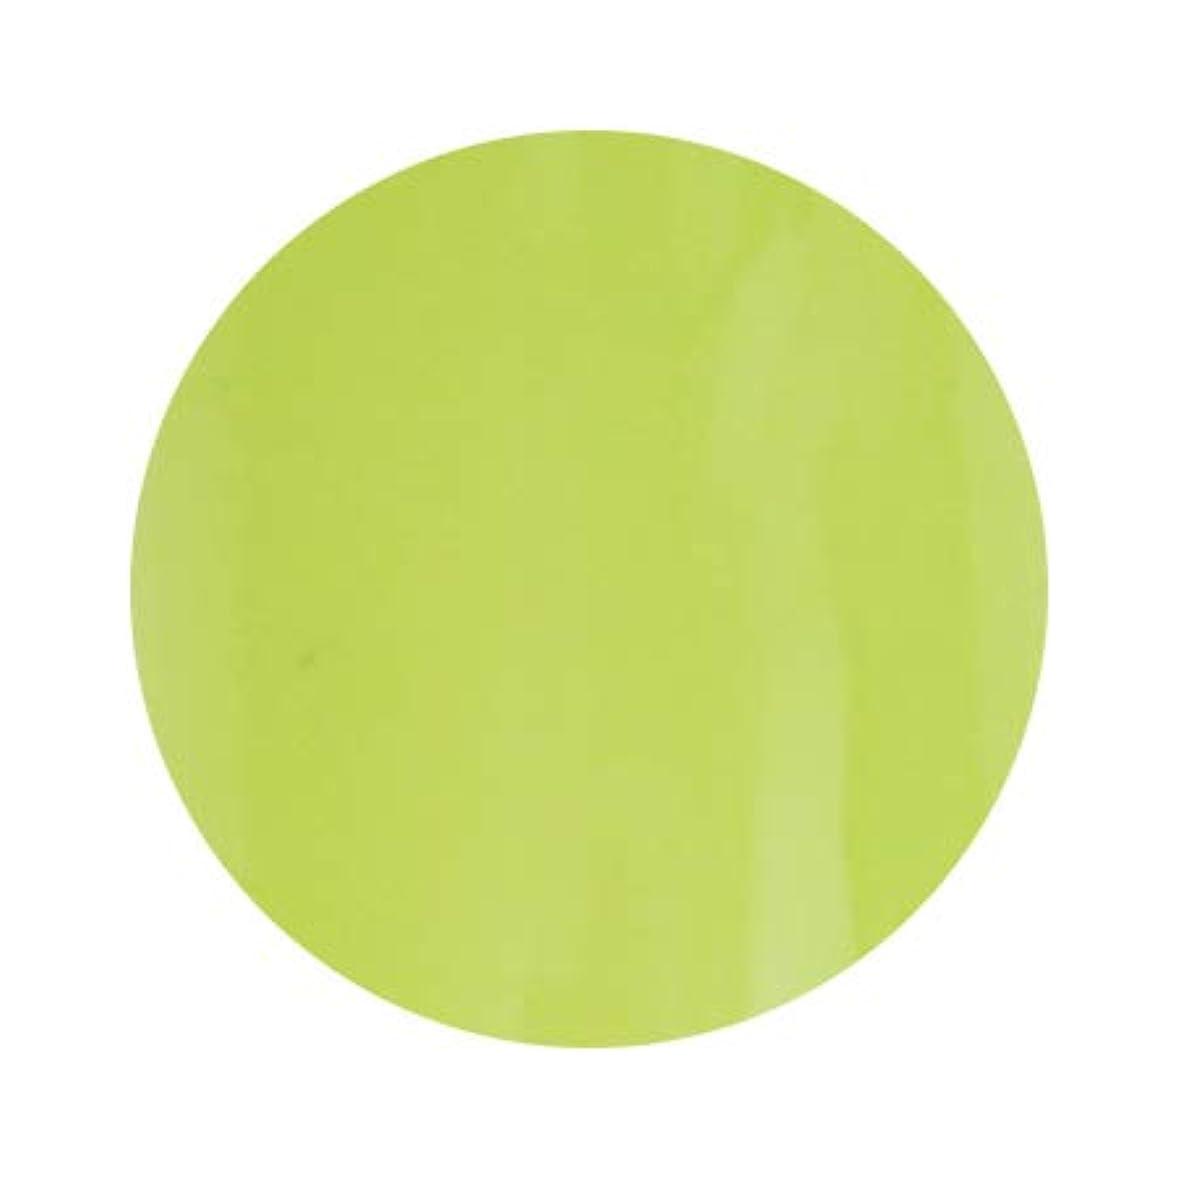 ゴージャス三番ラベLUCU GEL ルクジェル カラー GRS03 ペリドット 3.5g